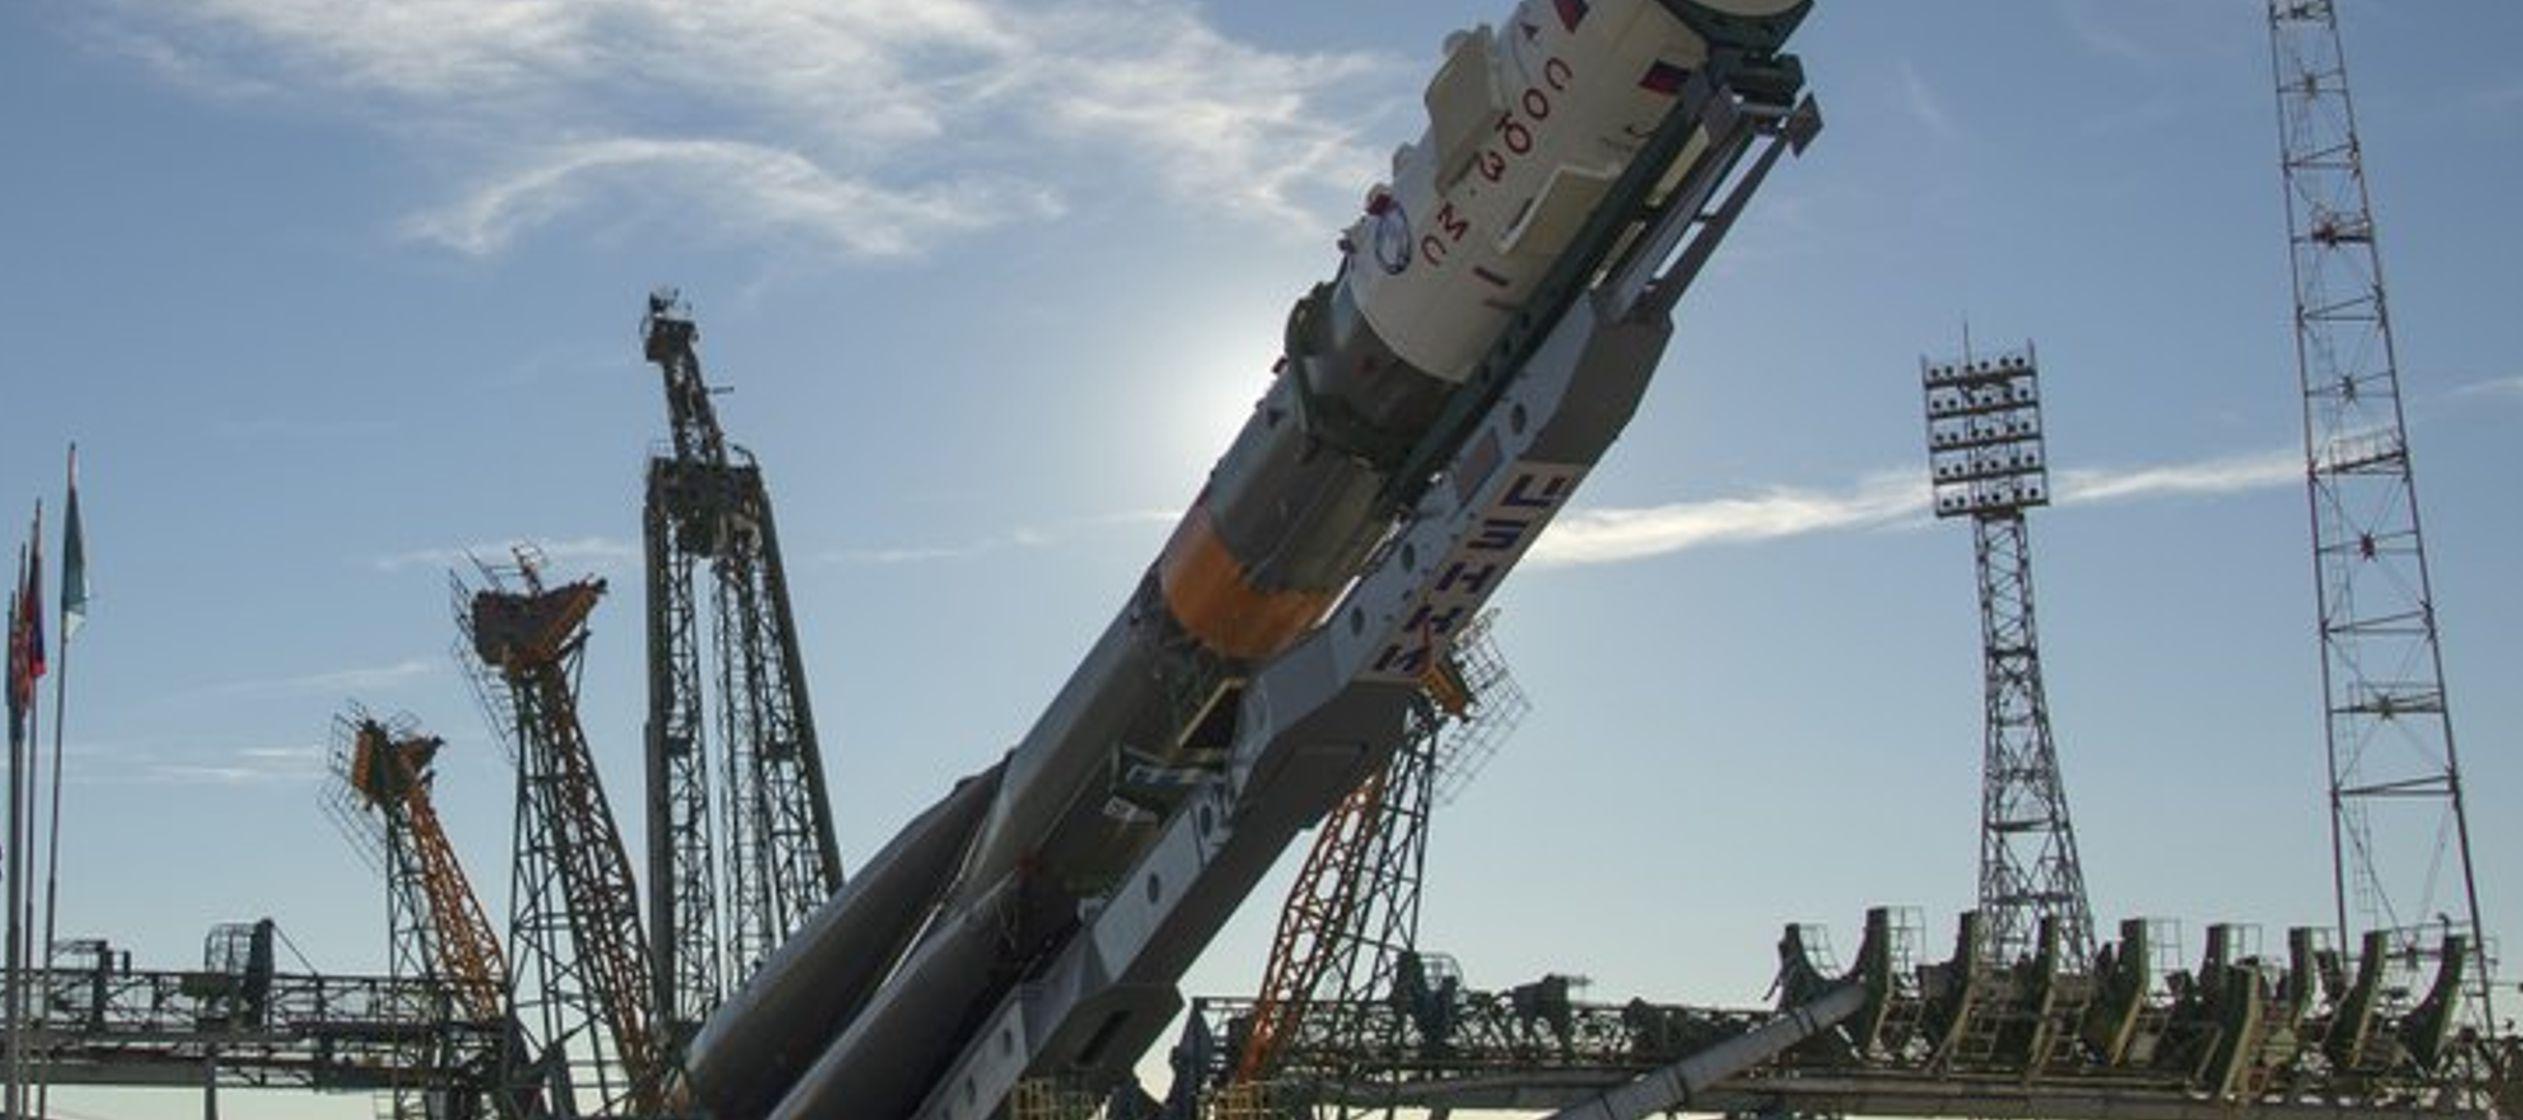 El agujero que apareció en una cápsula rusa Soyuz anclada en la EEI provocó...